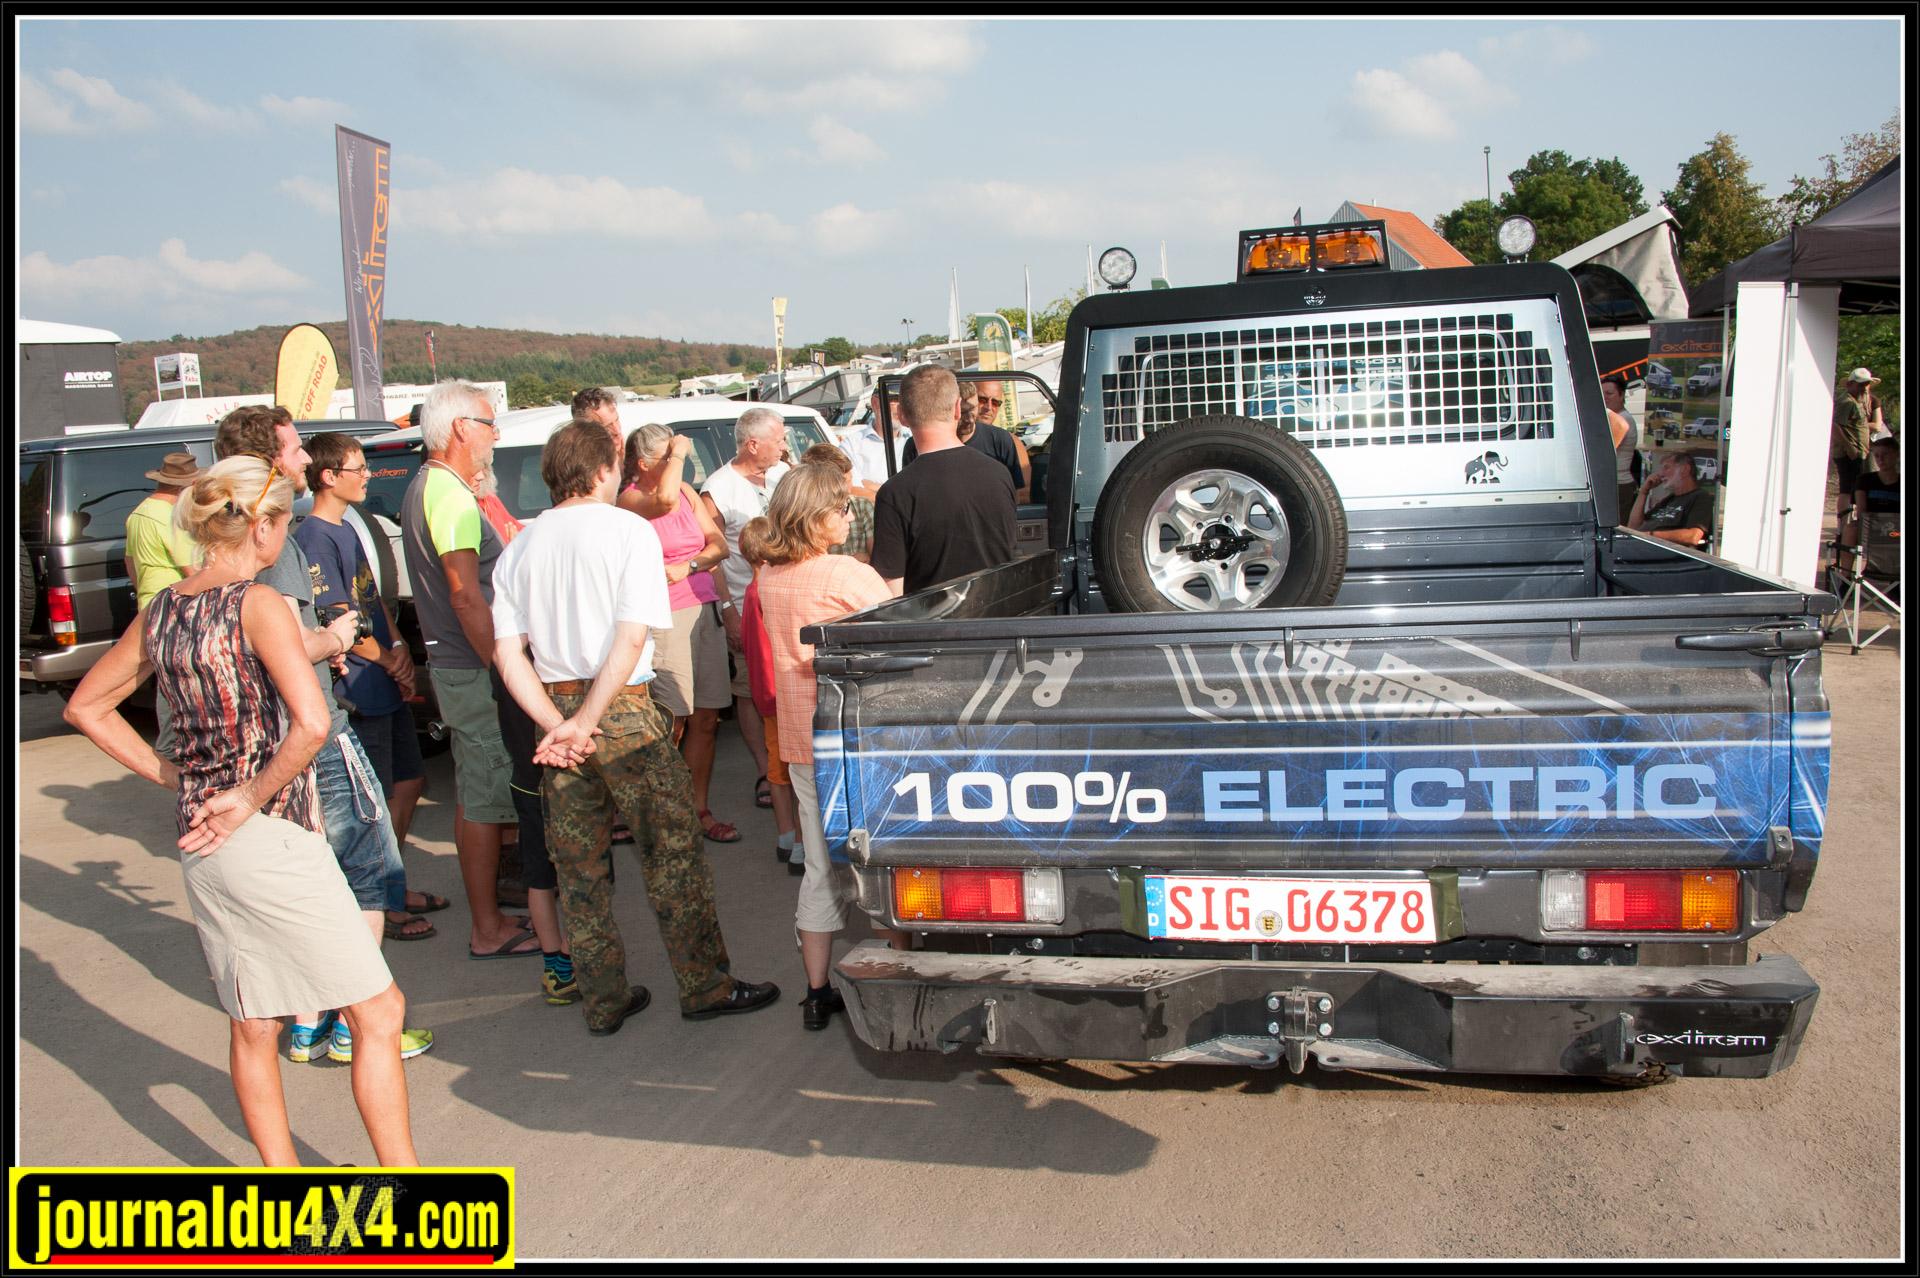 Joachim en pleine démonstration du modèle définitif du EJ 79. Un 79 dont le moteur thermique a été supprimé et remplacé par un moteur électrique et une batterie de 46kWh. Nous reviendrons plus longuement sur cet étonnant véhicule dans un prochain article.